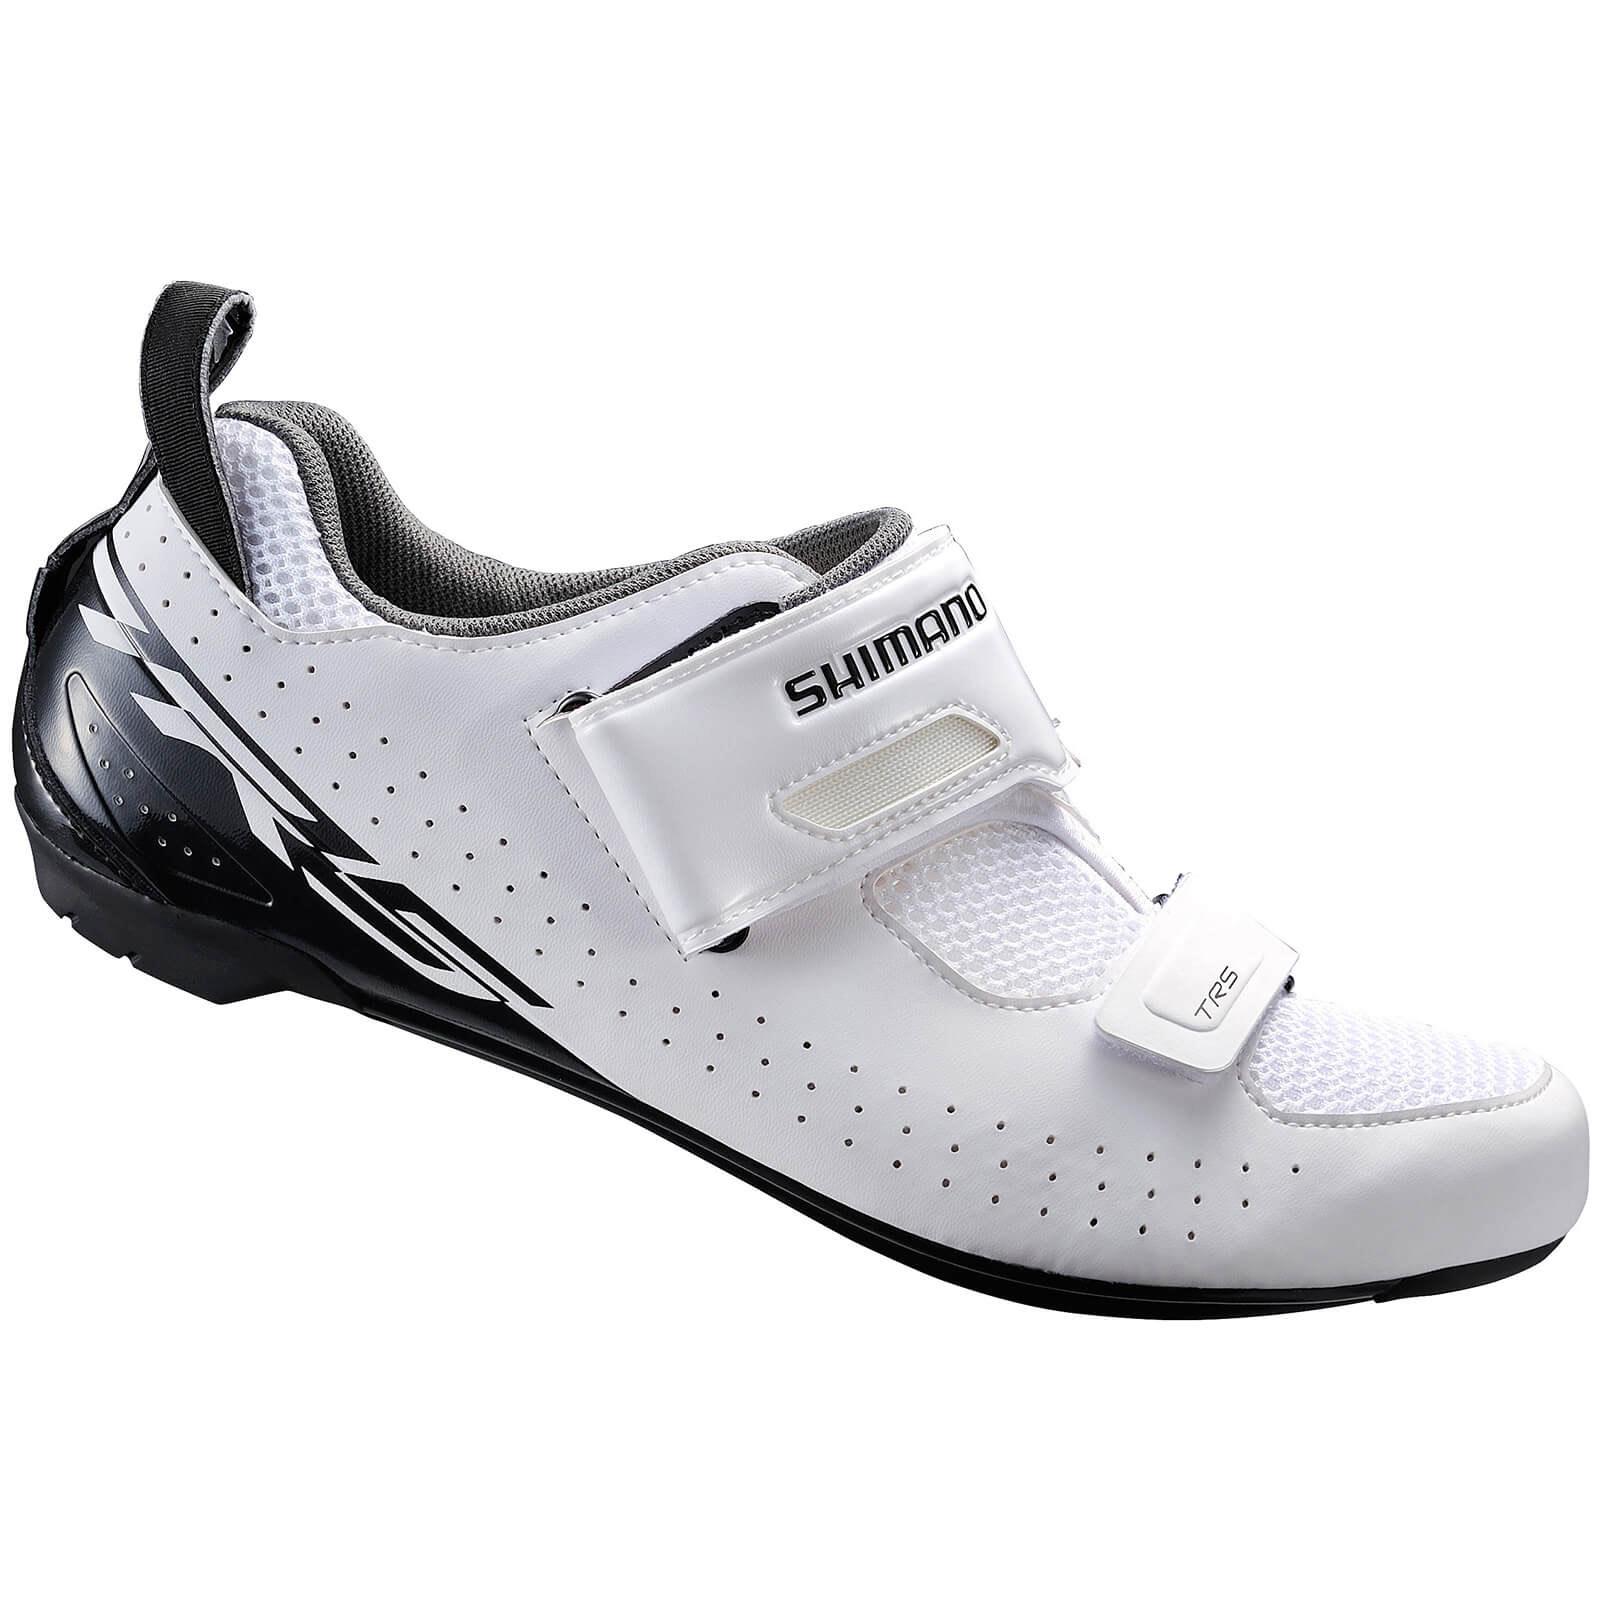 [Probikekit] Shimano TR5 SPD-SL Triathlon-Schuhe - Rennradschuhe ab 45€ in Größe 50 / Größe 41/43 für 81,99€